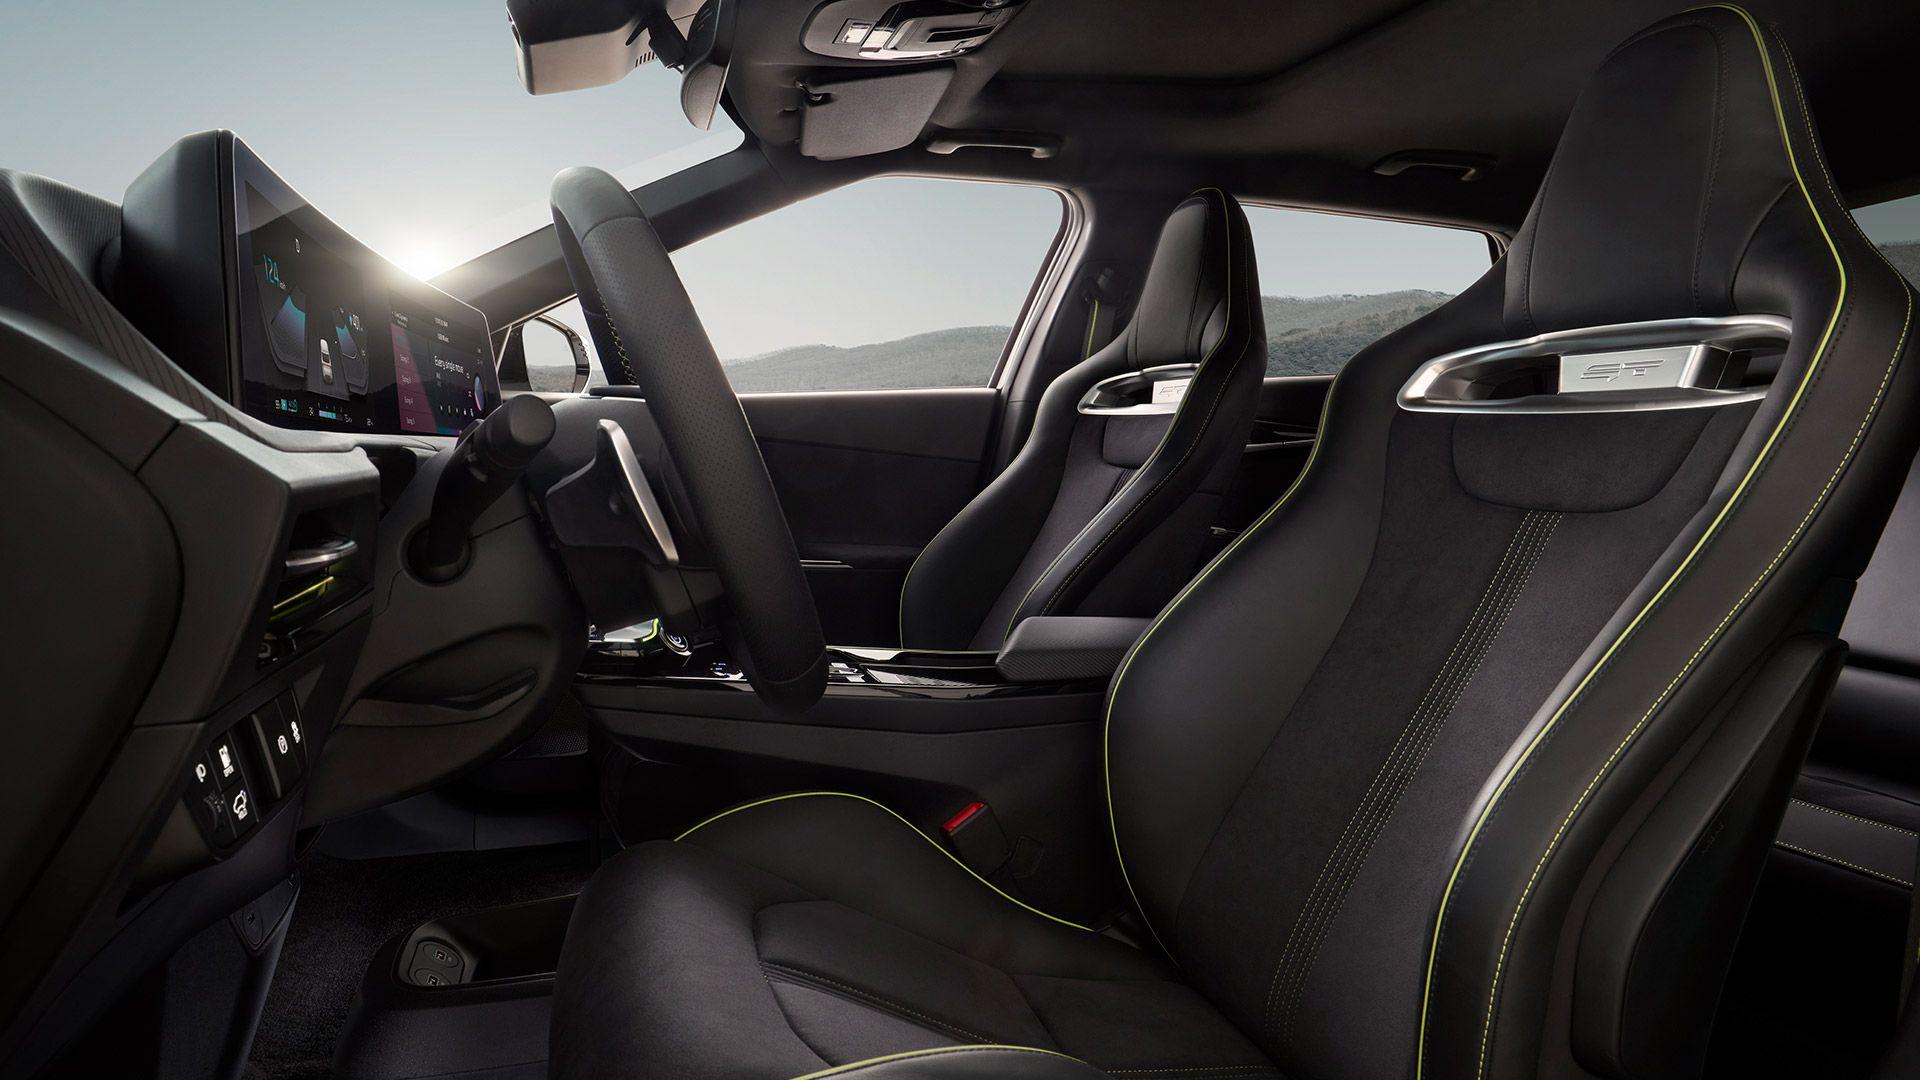 Η Kia εγκαινίασε το Creativity Drive με στόχο τη δημιουργικότητα στις μελλοντικές γενιές